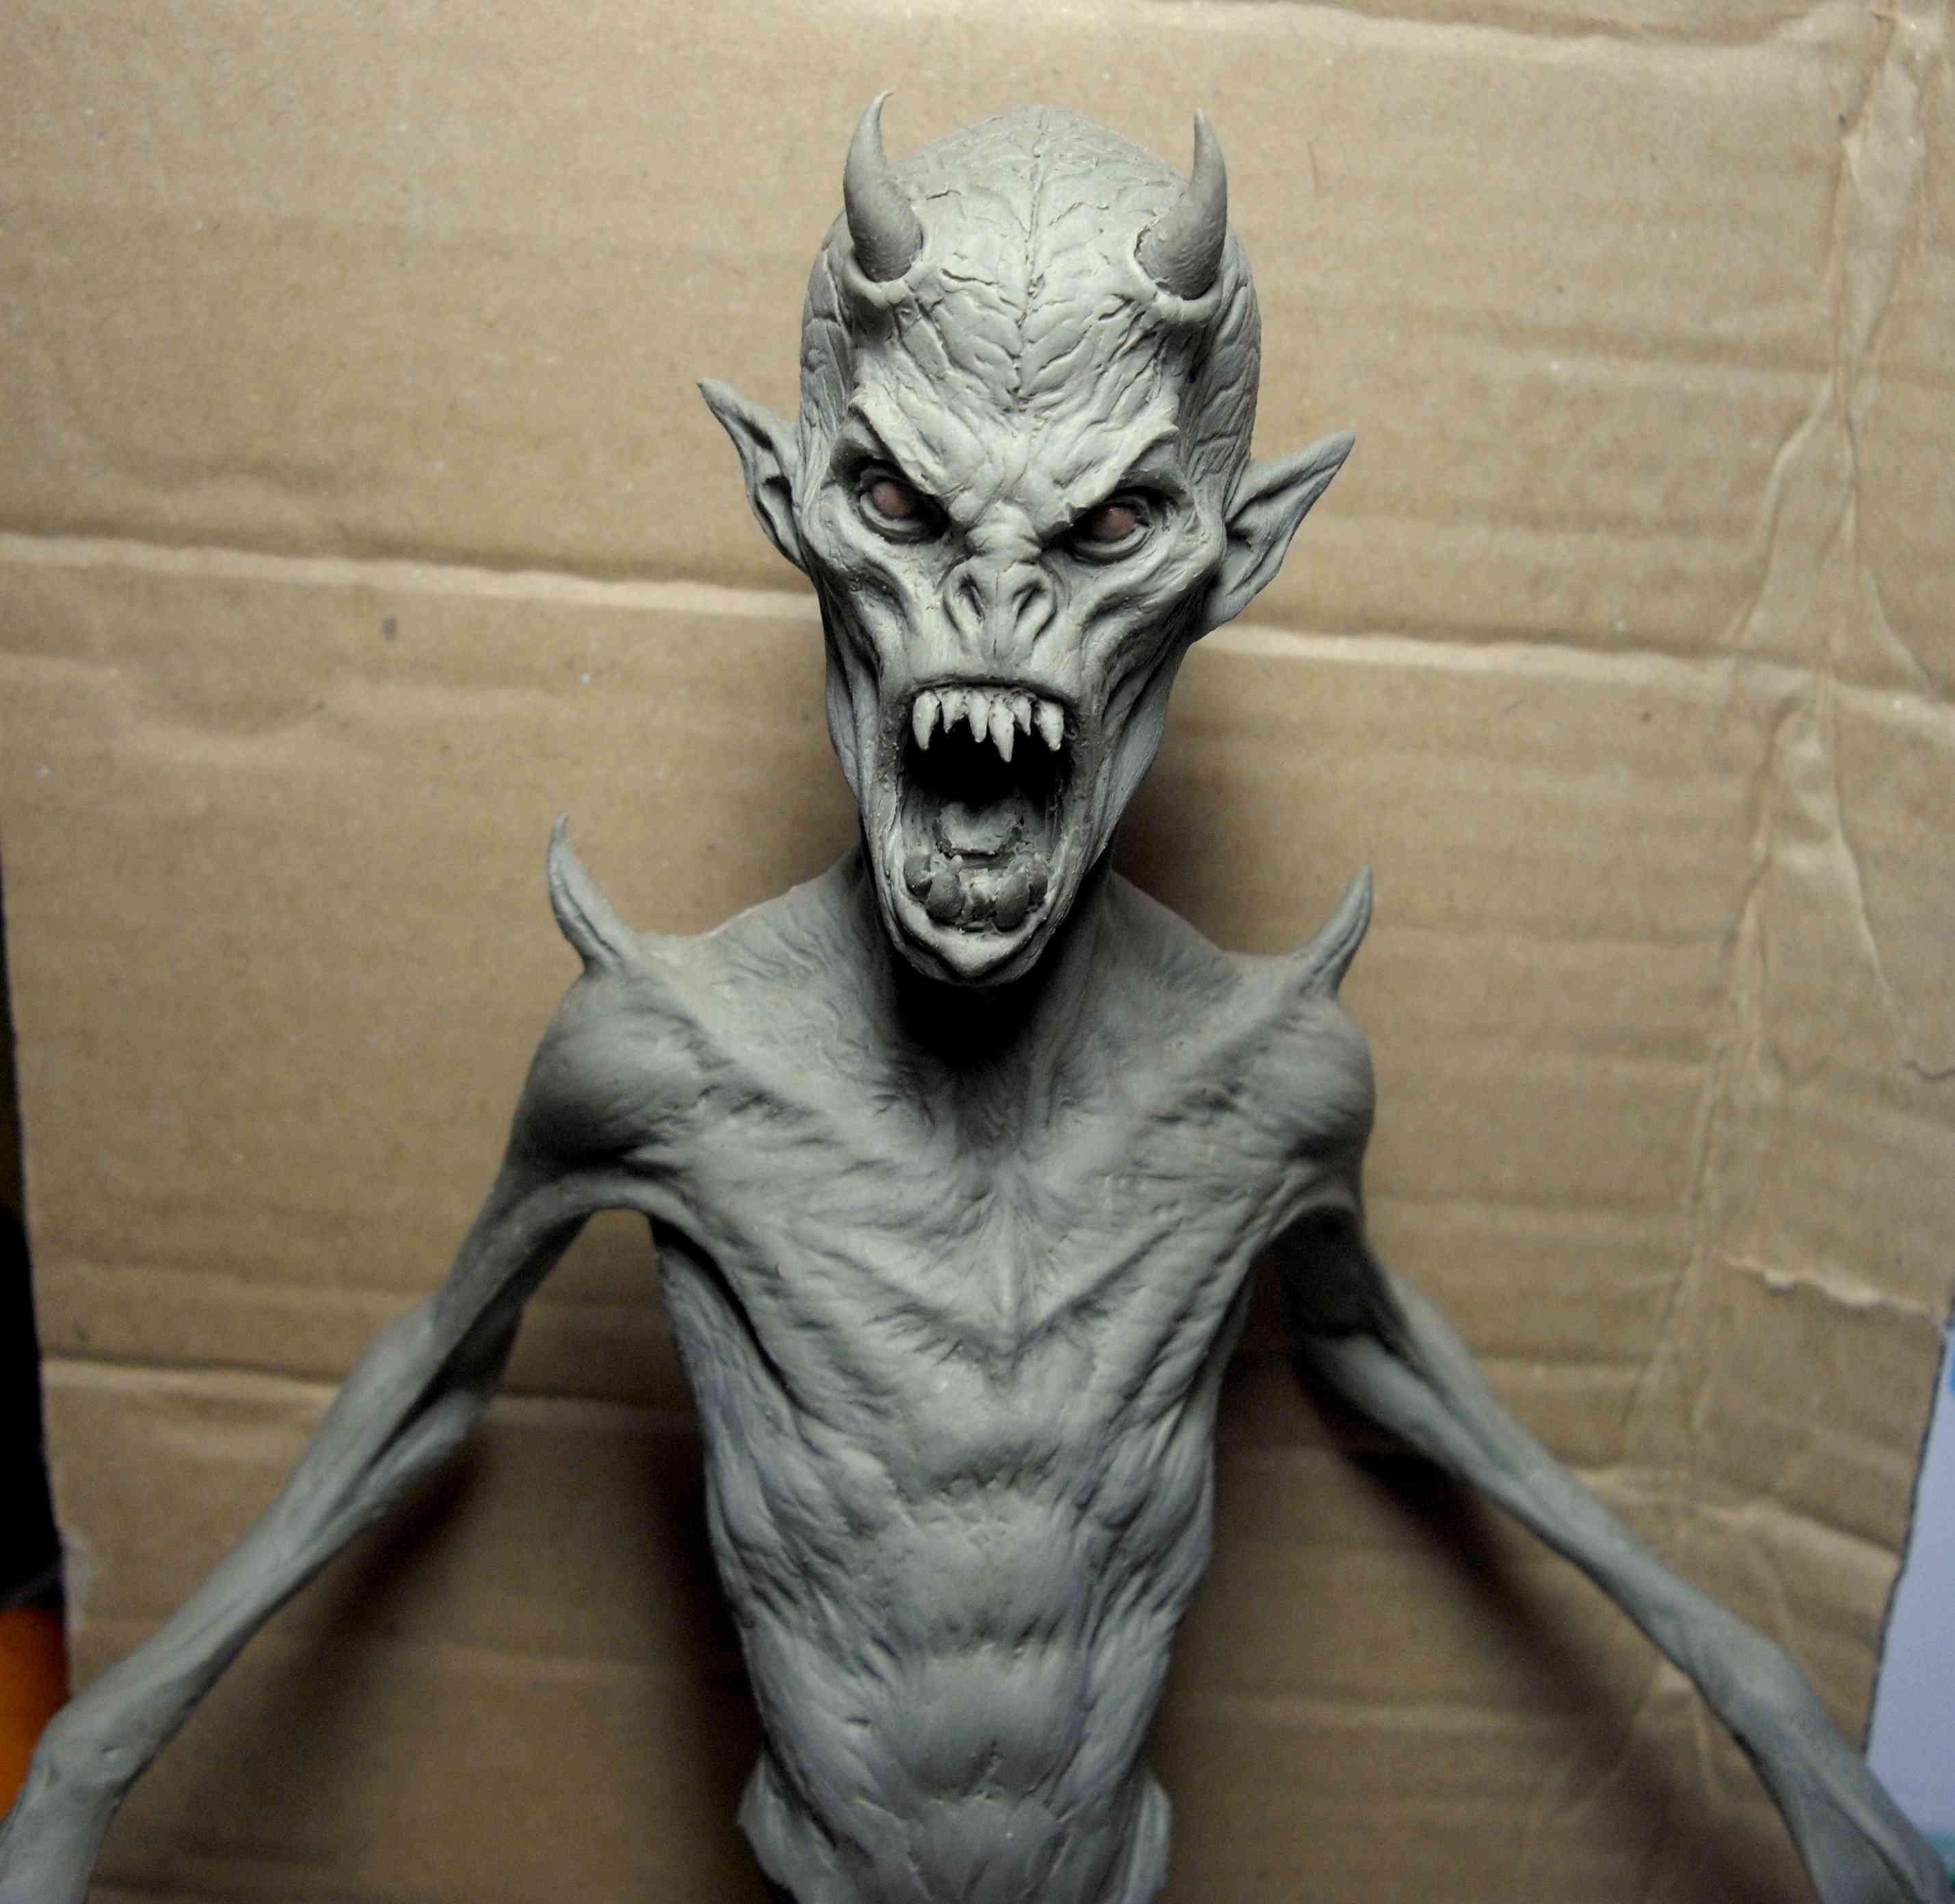 demon new updart 013 Ultra gump blaster mega pack ultimate post de monstros 4